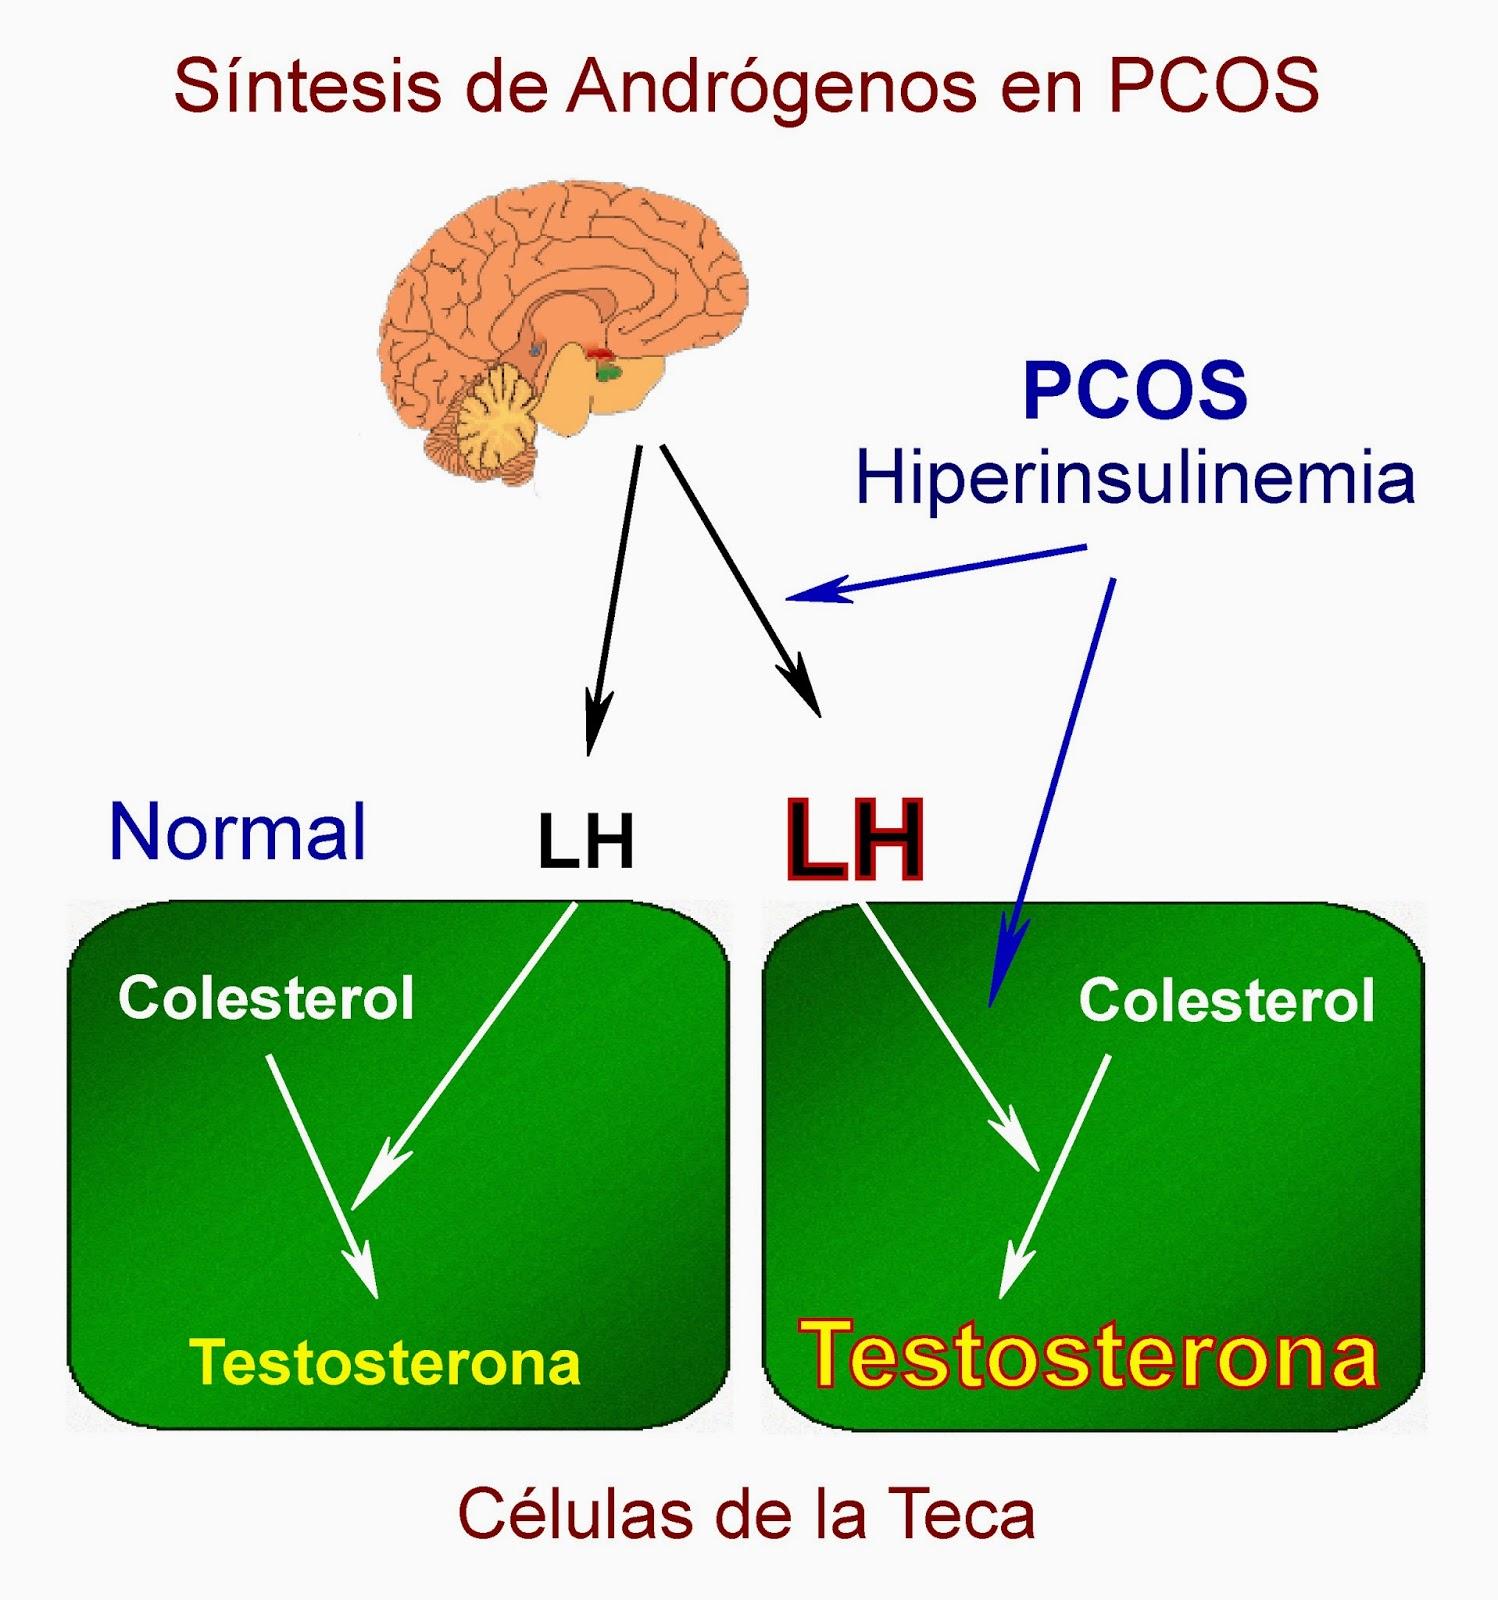 Síntesis de andrógenos en las células de la teca en el ovario en PCOS, SOP